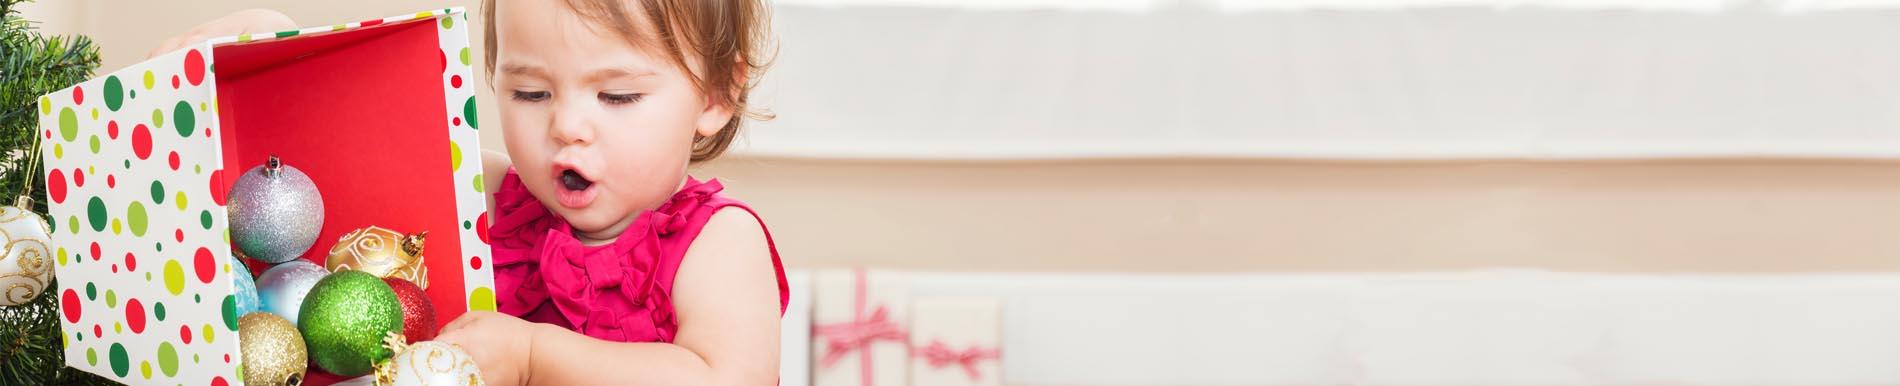 https://www.healthychildren.org/SiteCollectionImage-Homepage-Banners/HolidayHealthSafety_Banner.jpg